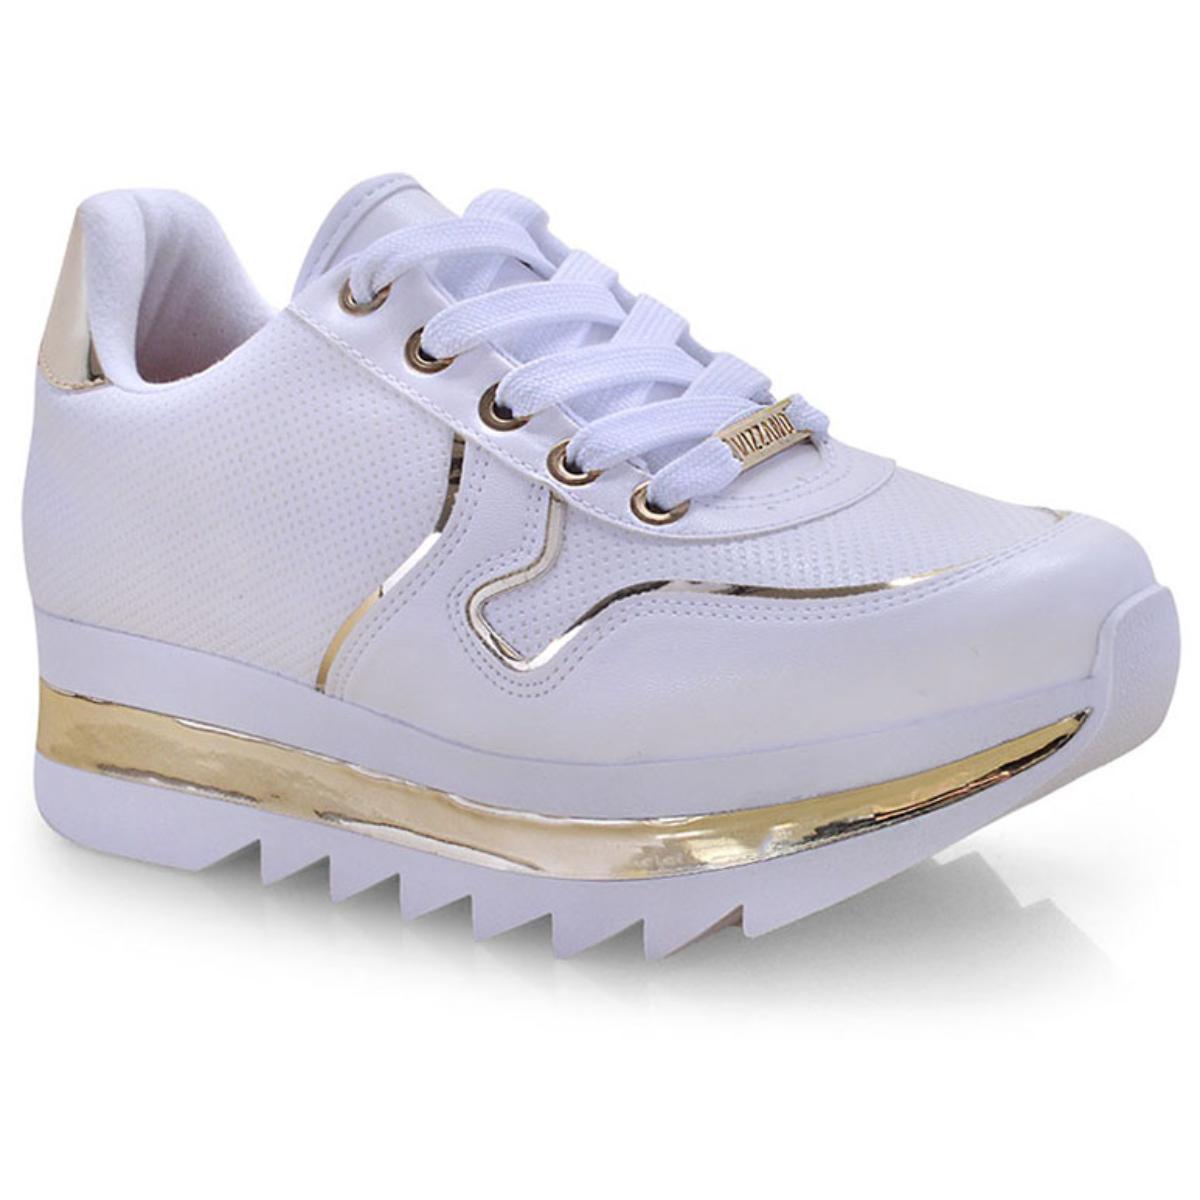 Tênis Feminino Vizzano 1319101 Branco/dourado